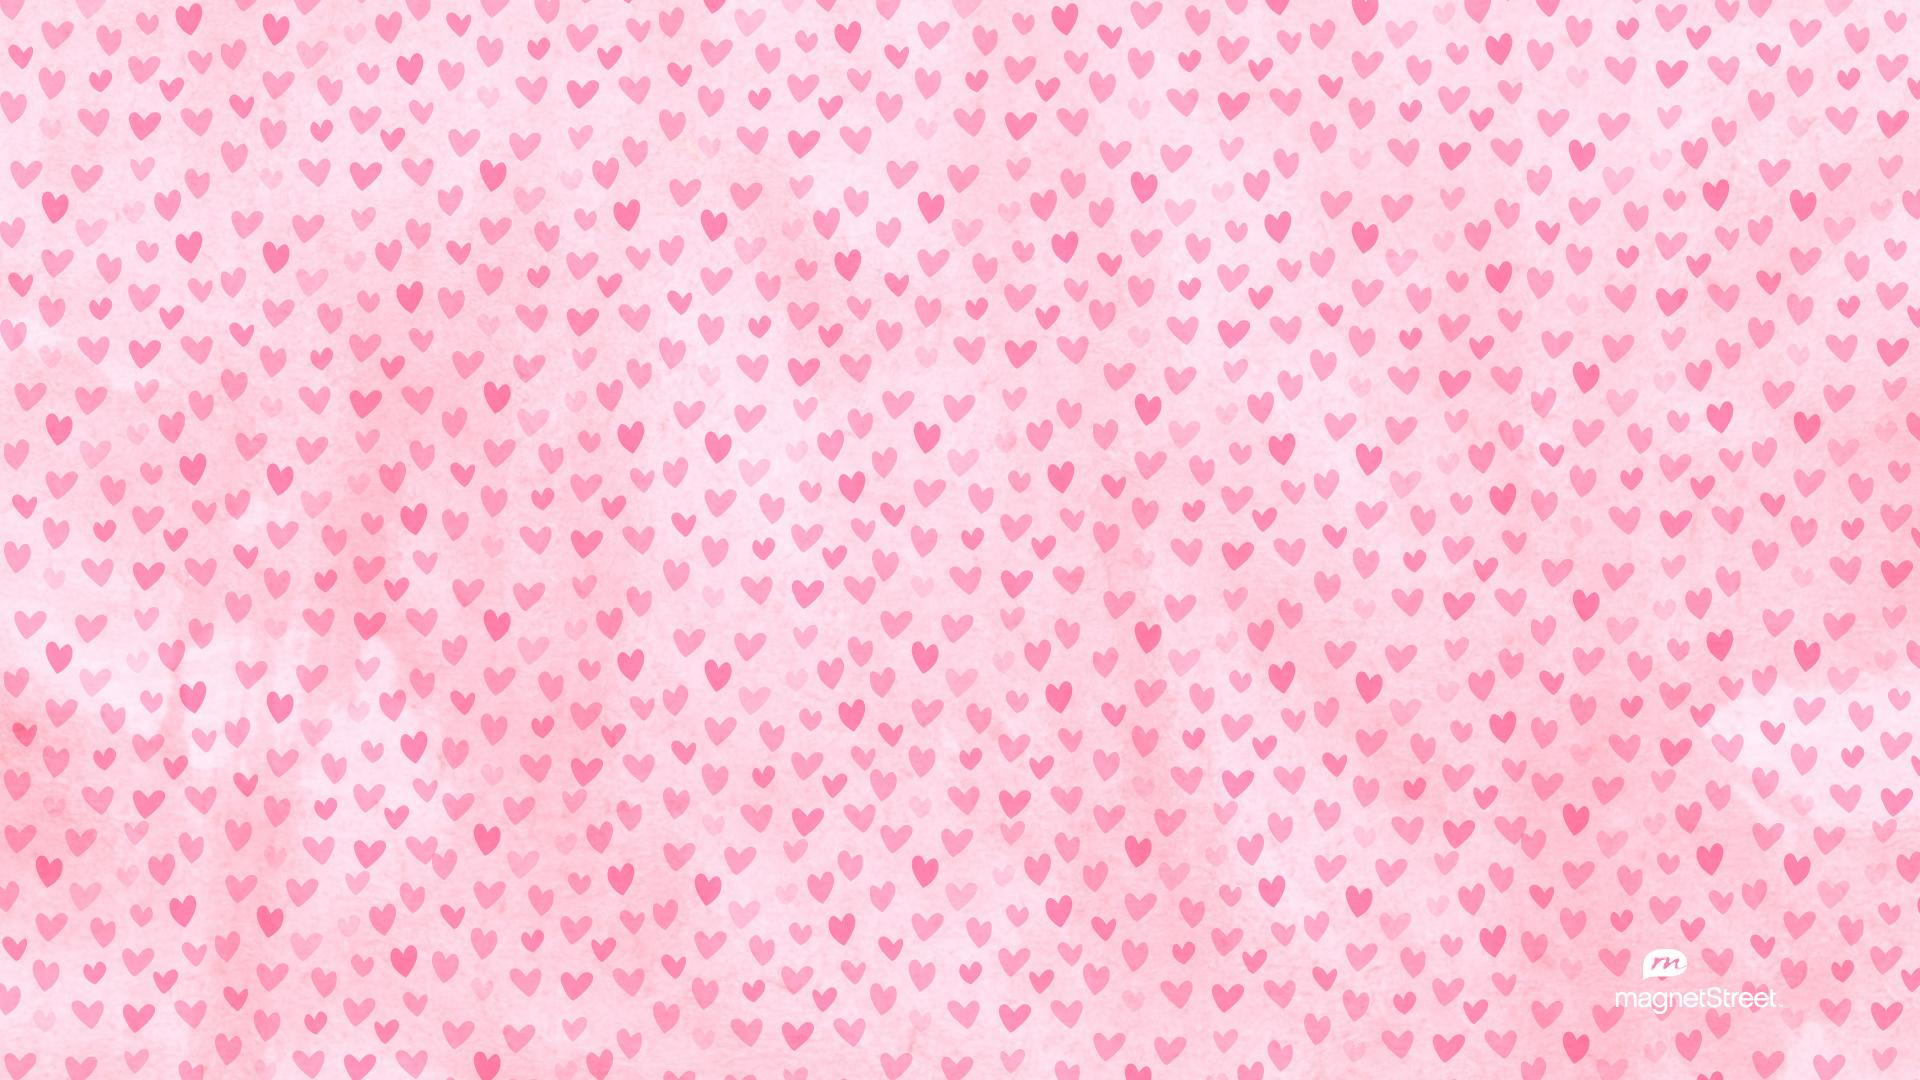 Valentines Day Desktop Background   Wallpaper High Definition High 1920x1080